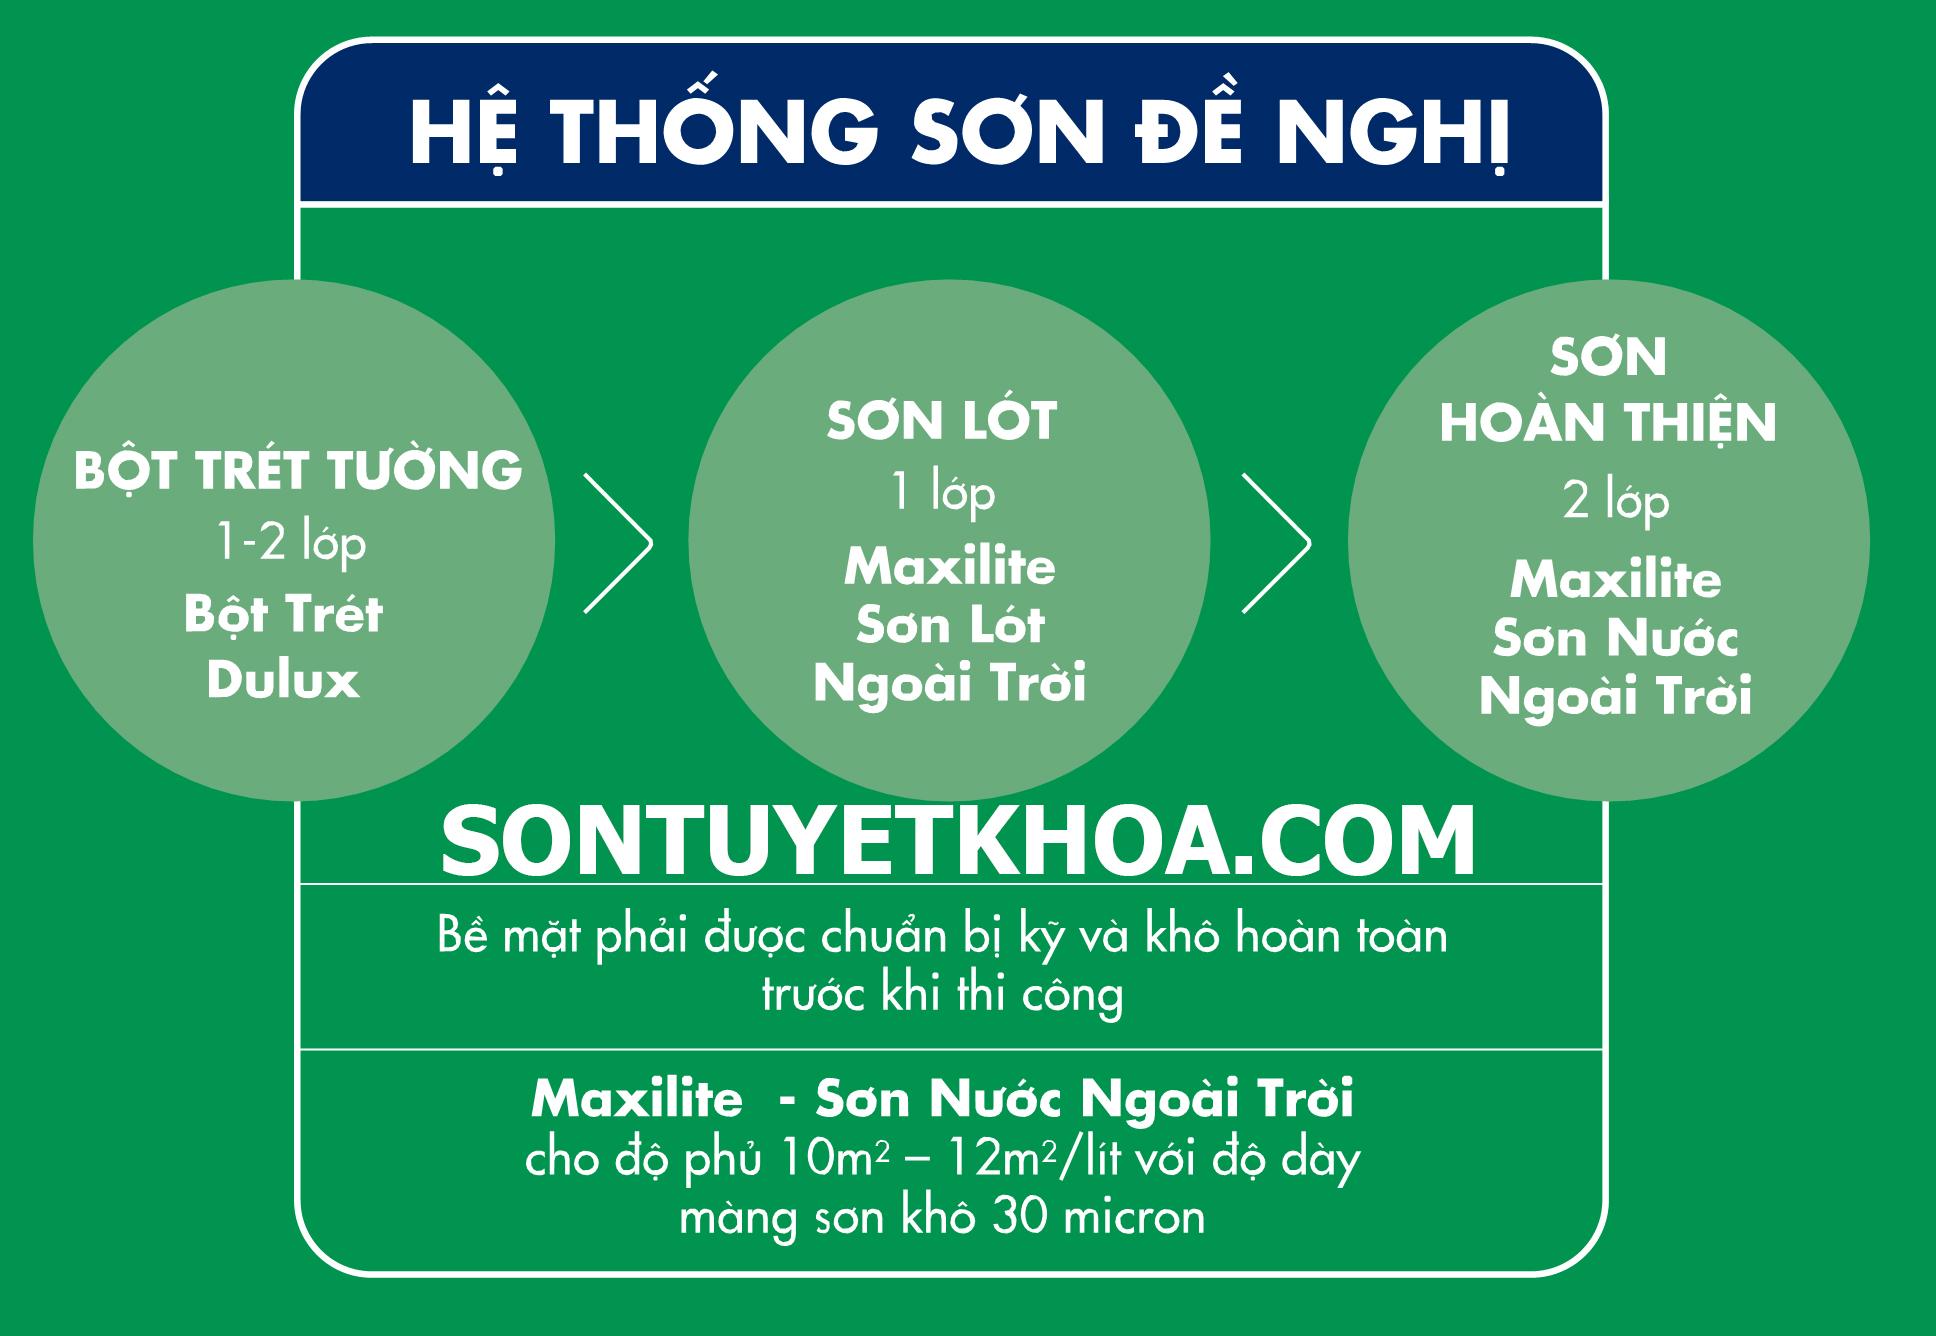 he-thong-son-dung-cung-maxilite-son-nuoc-ngoai-troi